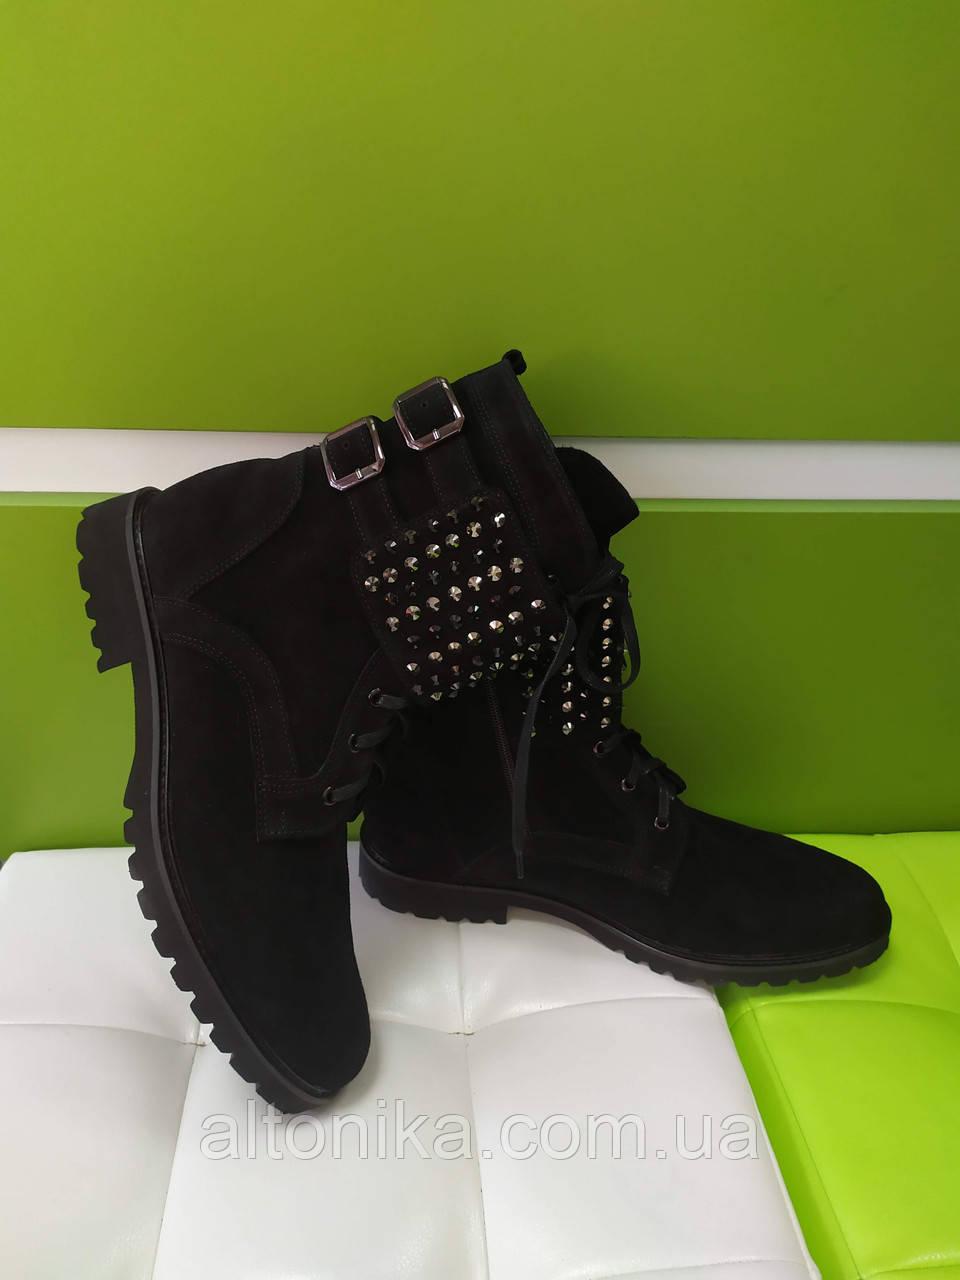 STTOPA деми зима. Размеры 36-44. Ботинки кожаные больших размеров! С9-21-4244-25-3644 Черные